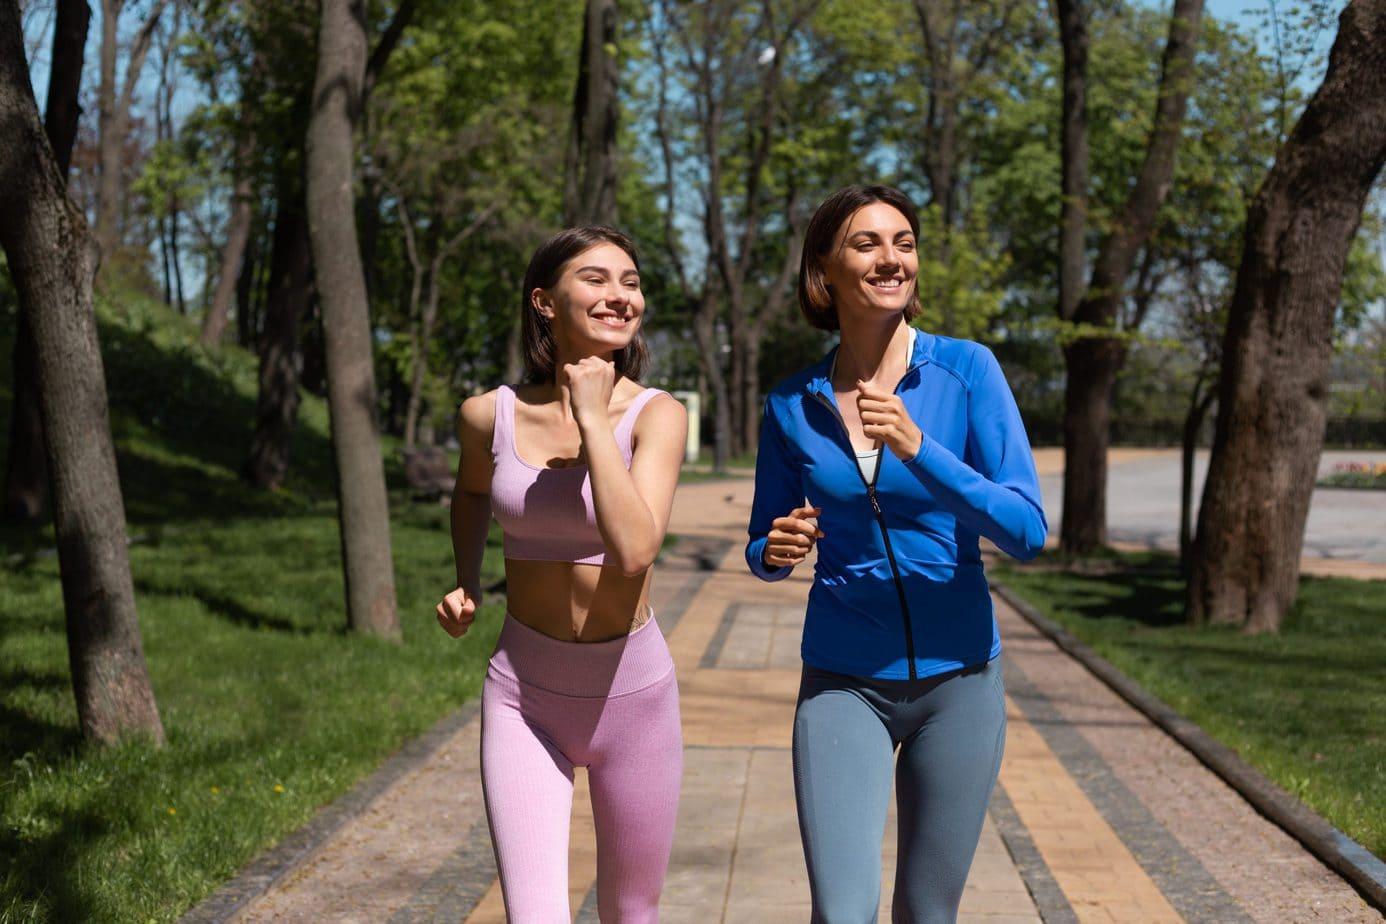 Dlaczego bieganie pomaga się odstresować?